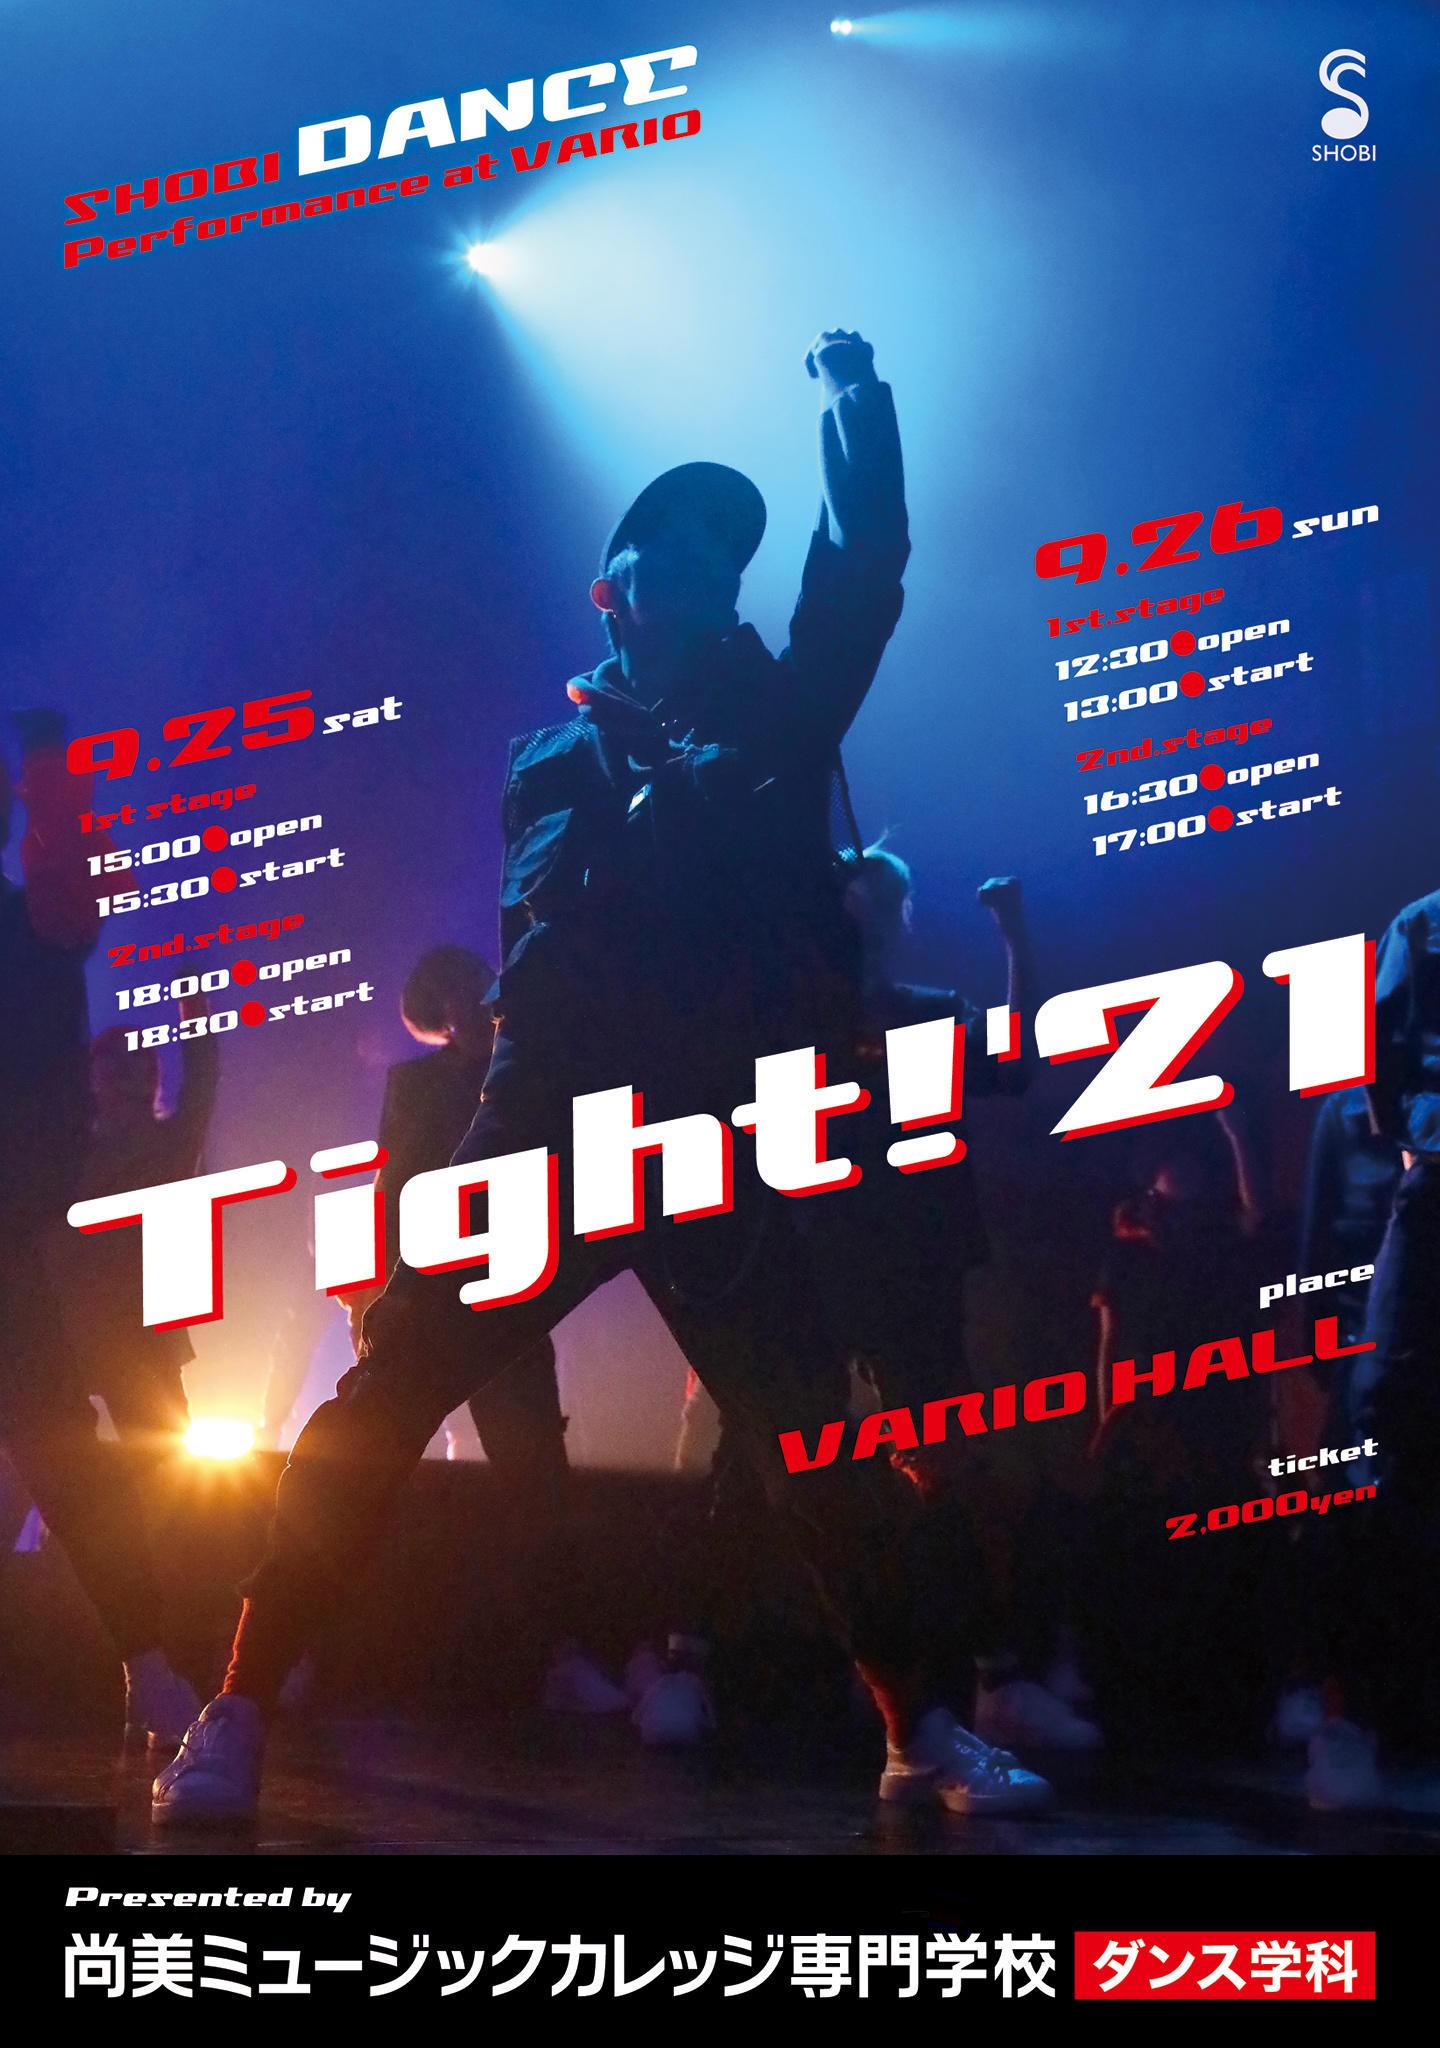 【9月25日・26日開催】毎年大好評のエネルギッシュなダンス公演!SHOBI DANCE Performance at VARIO「Tight!'21」(無観客にて実施することになりました)